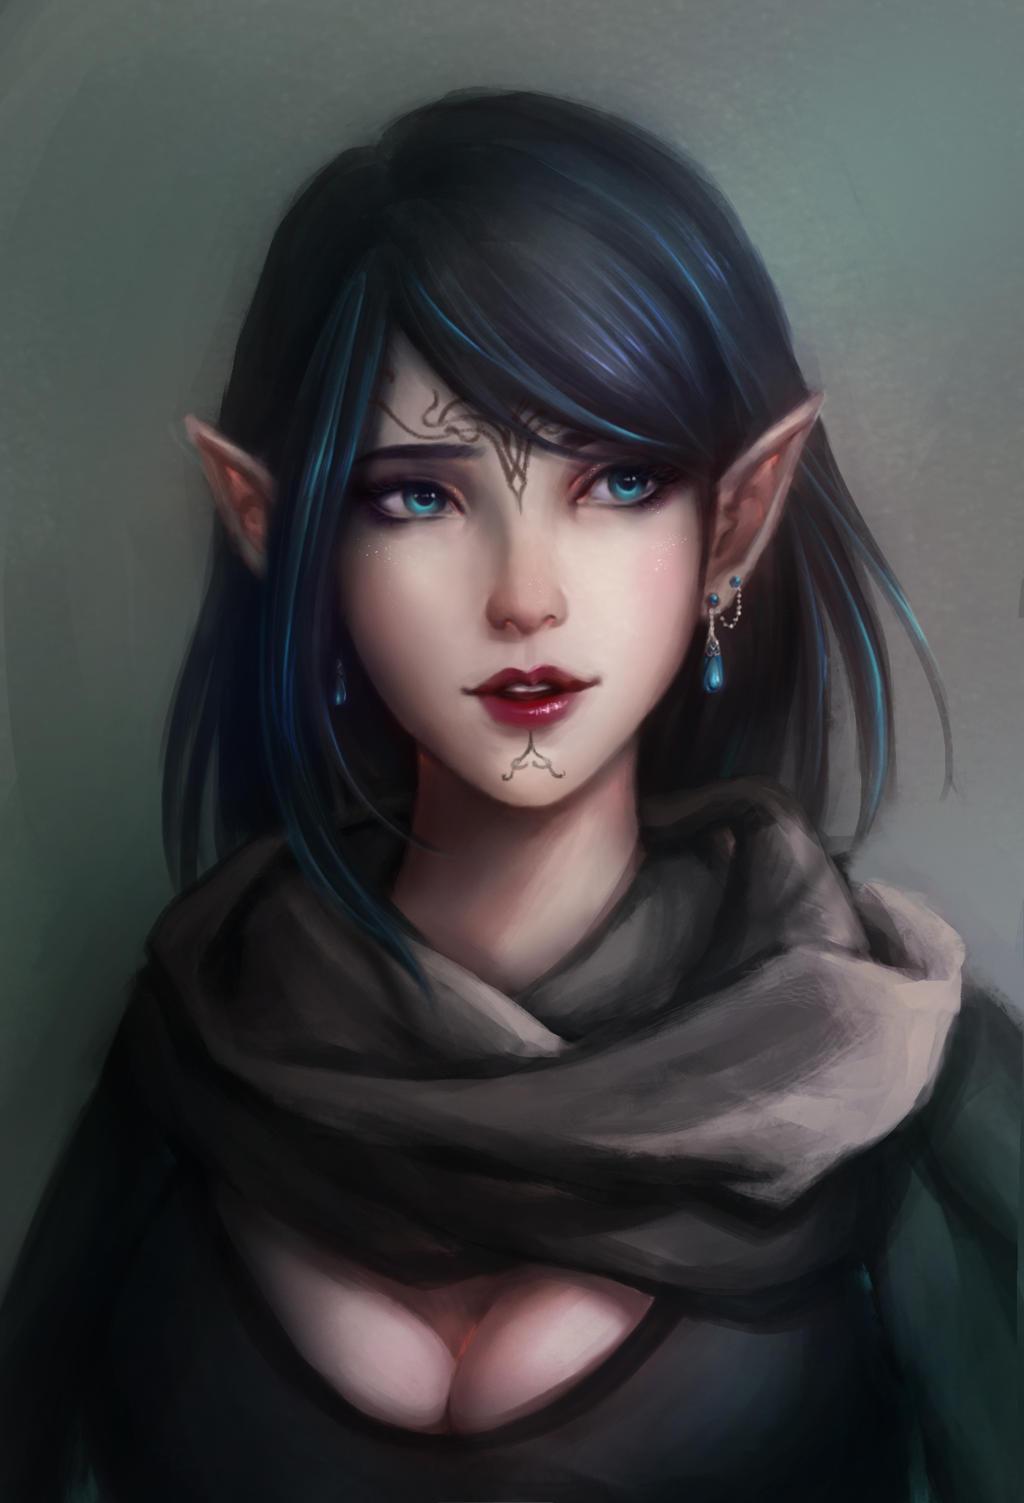 DAI_Inquisitor Lavellan